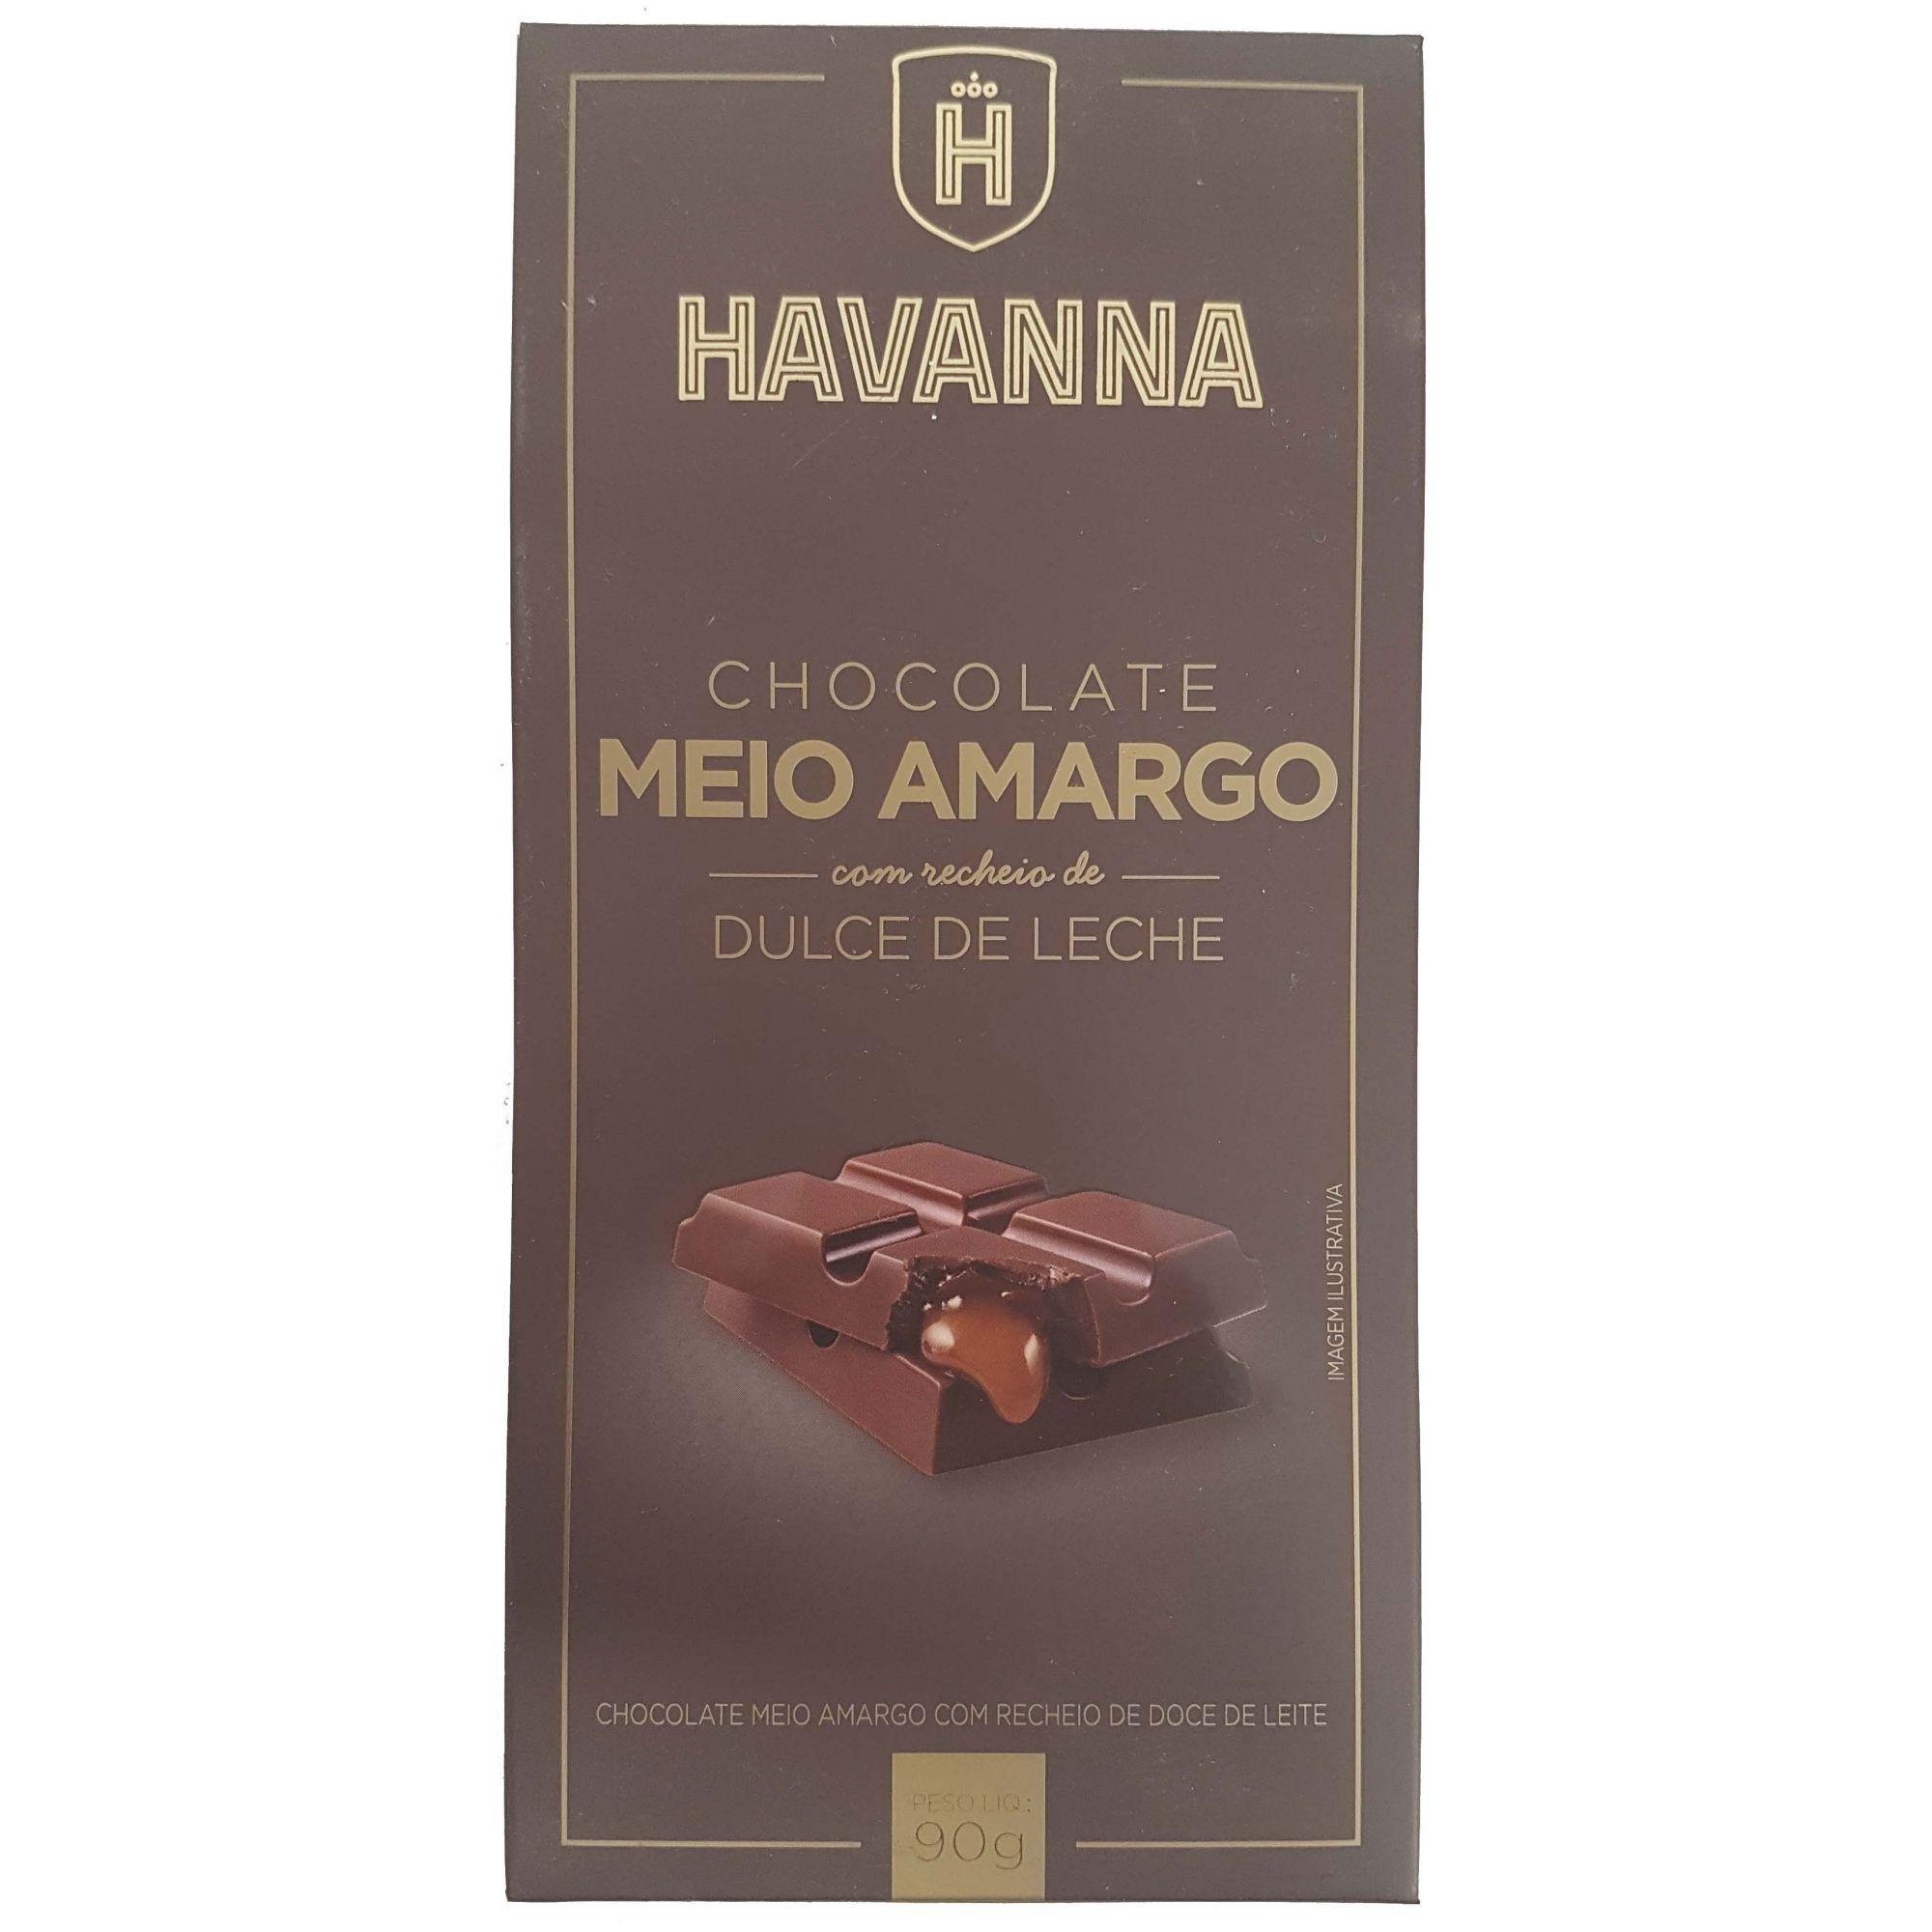 Chocolate Havanna Meio Amargo Com Recheio de Dolce de Leite - 90g -